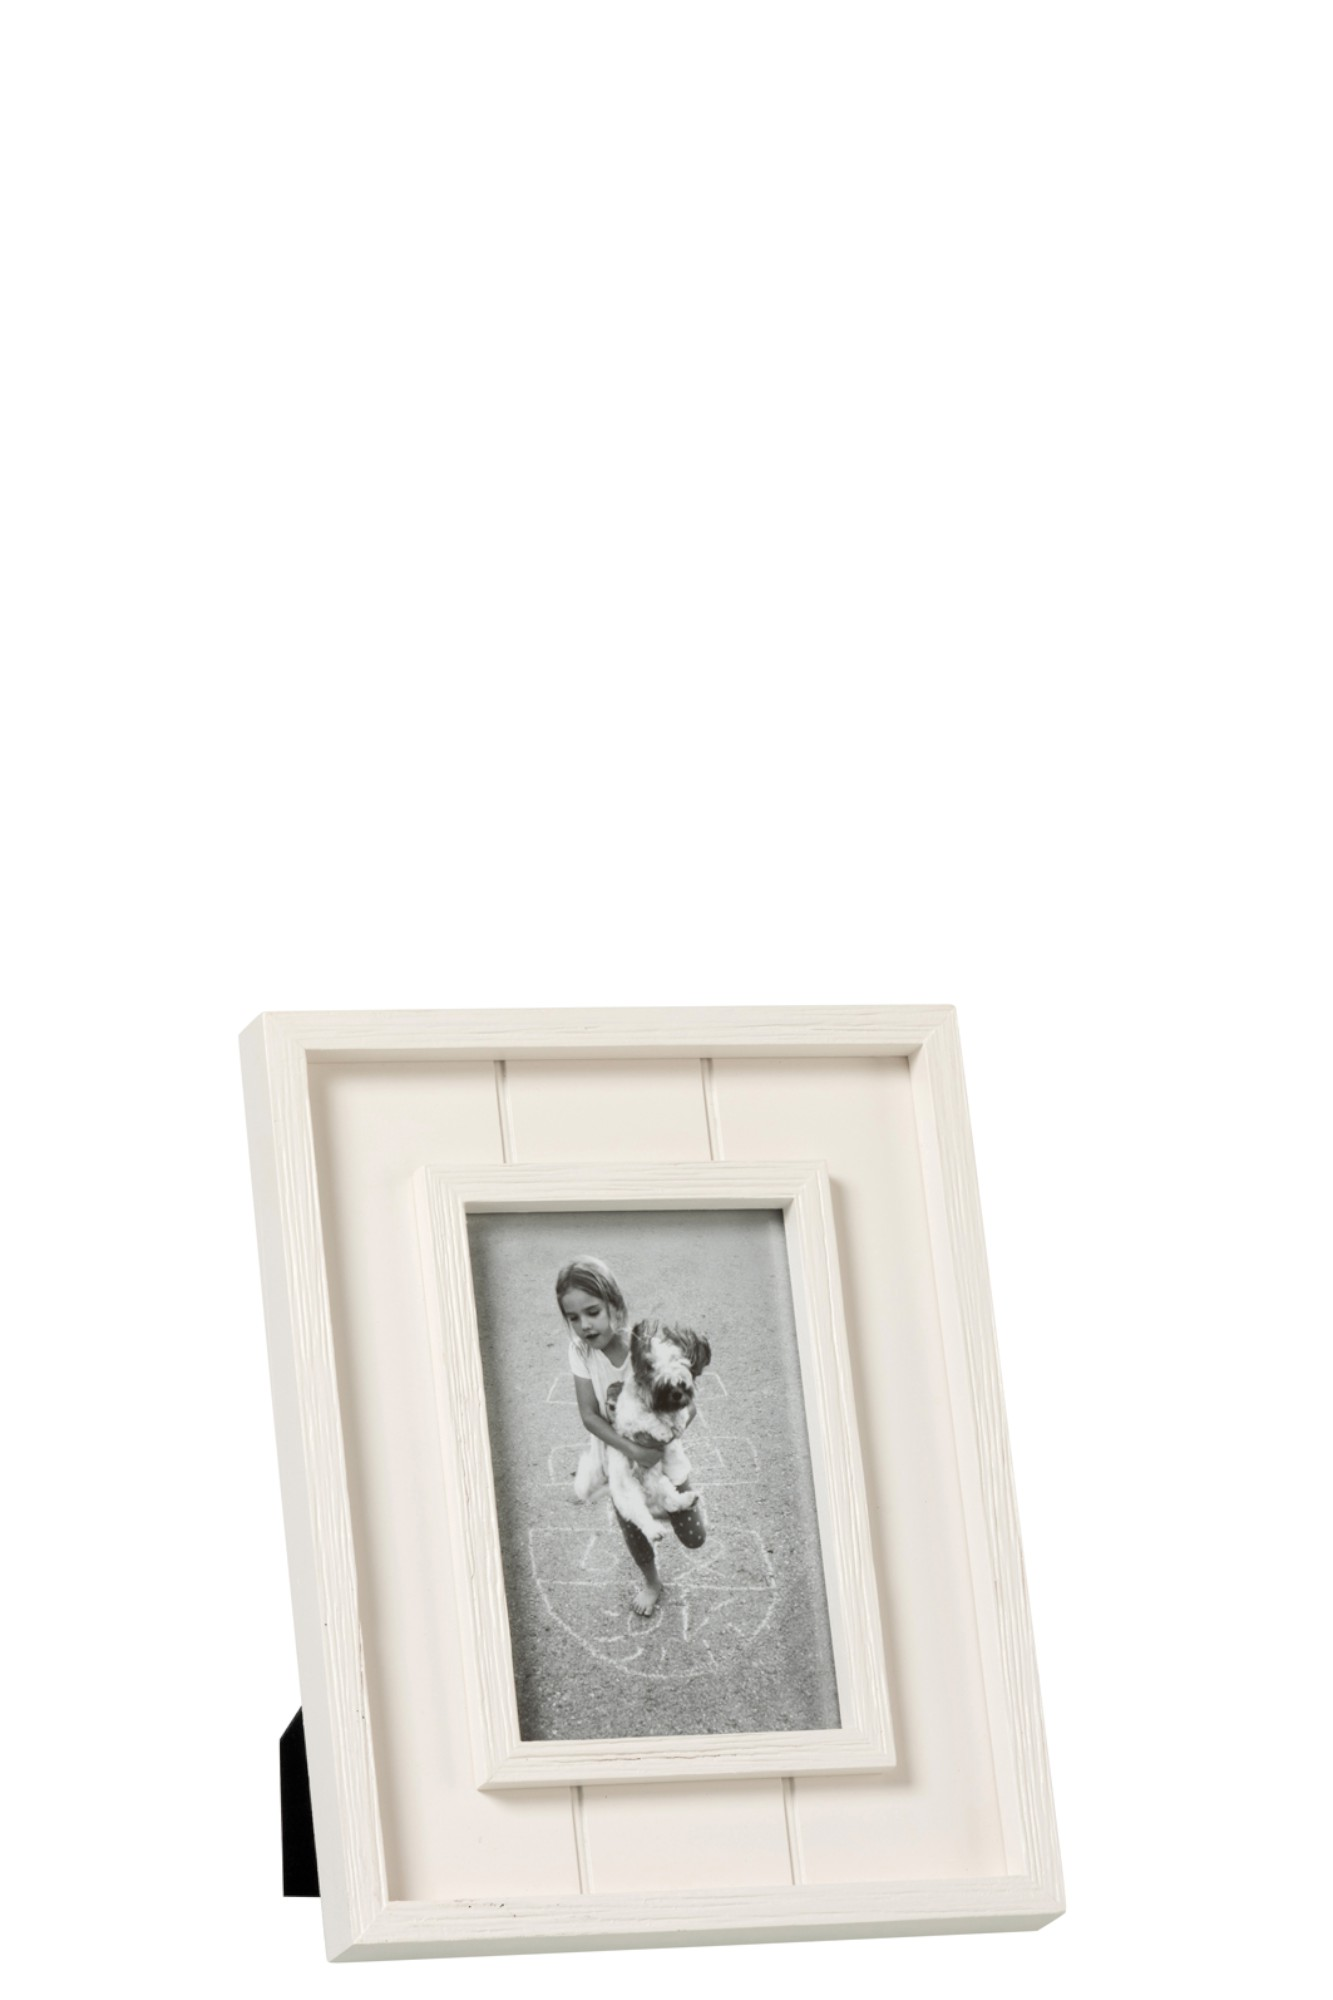 hout wit met rand 10x15cm J93139